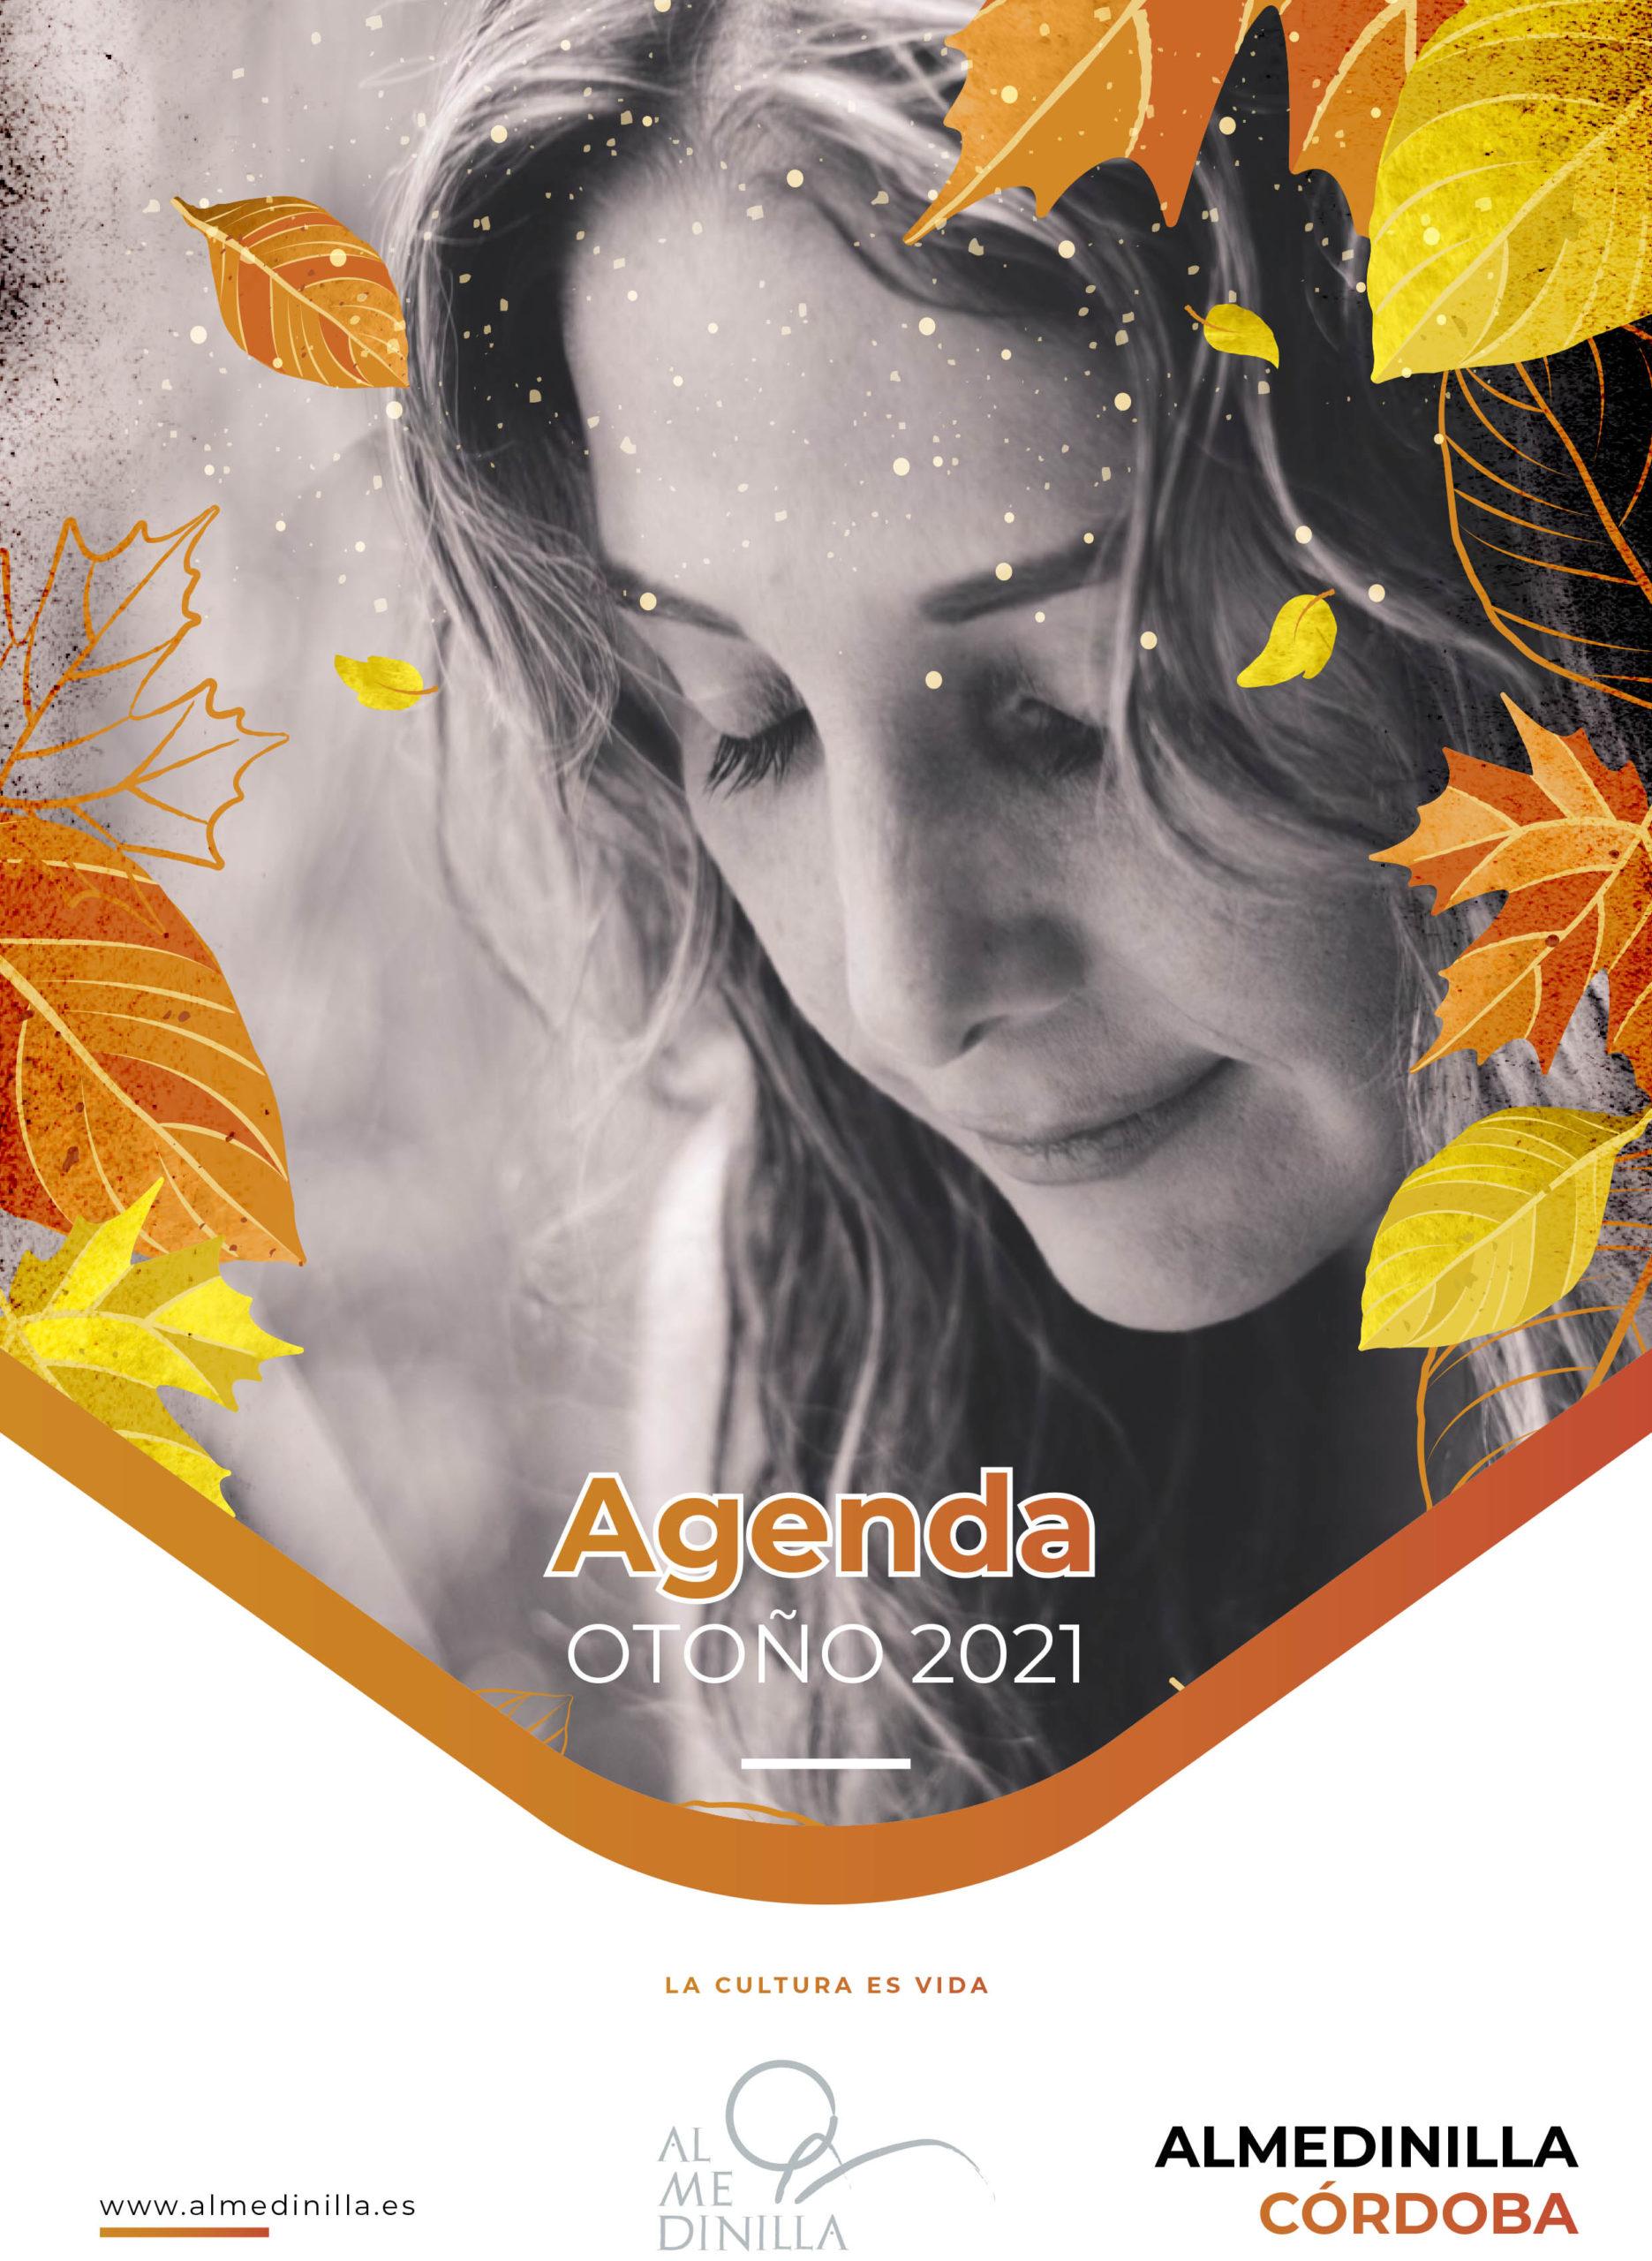 Agenda Otoño Almedinilla-1